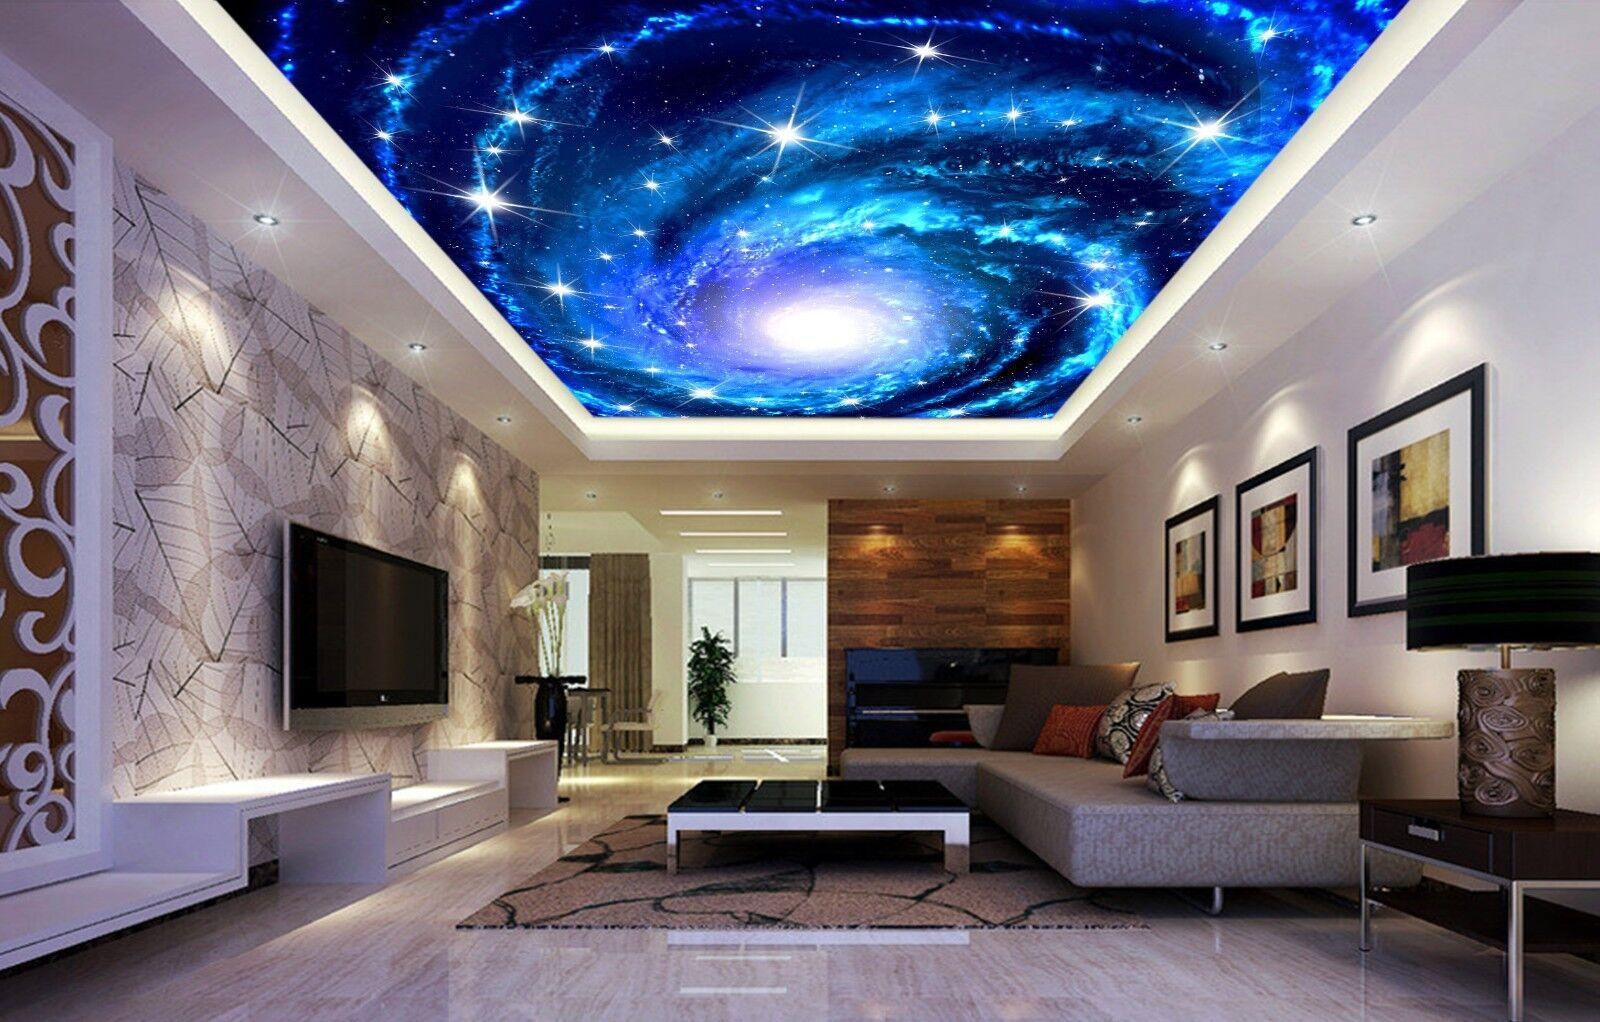 3D bluee Starry Sky 84 Wallpaper Mural Wall Print Wall Wallpaper Murals US